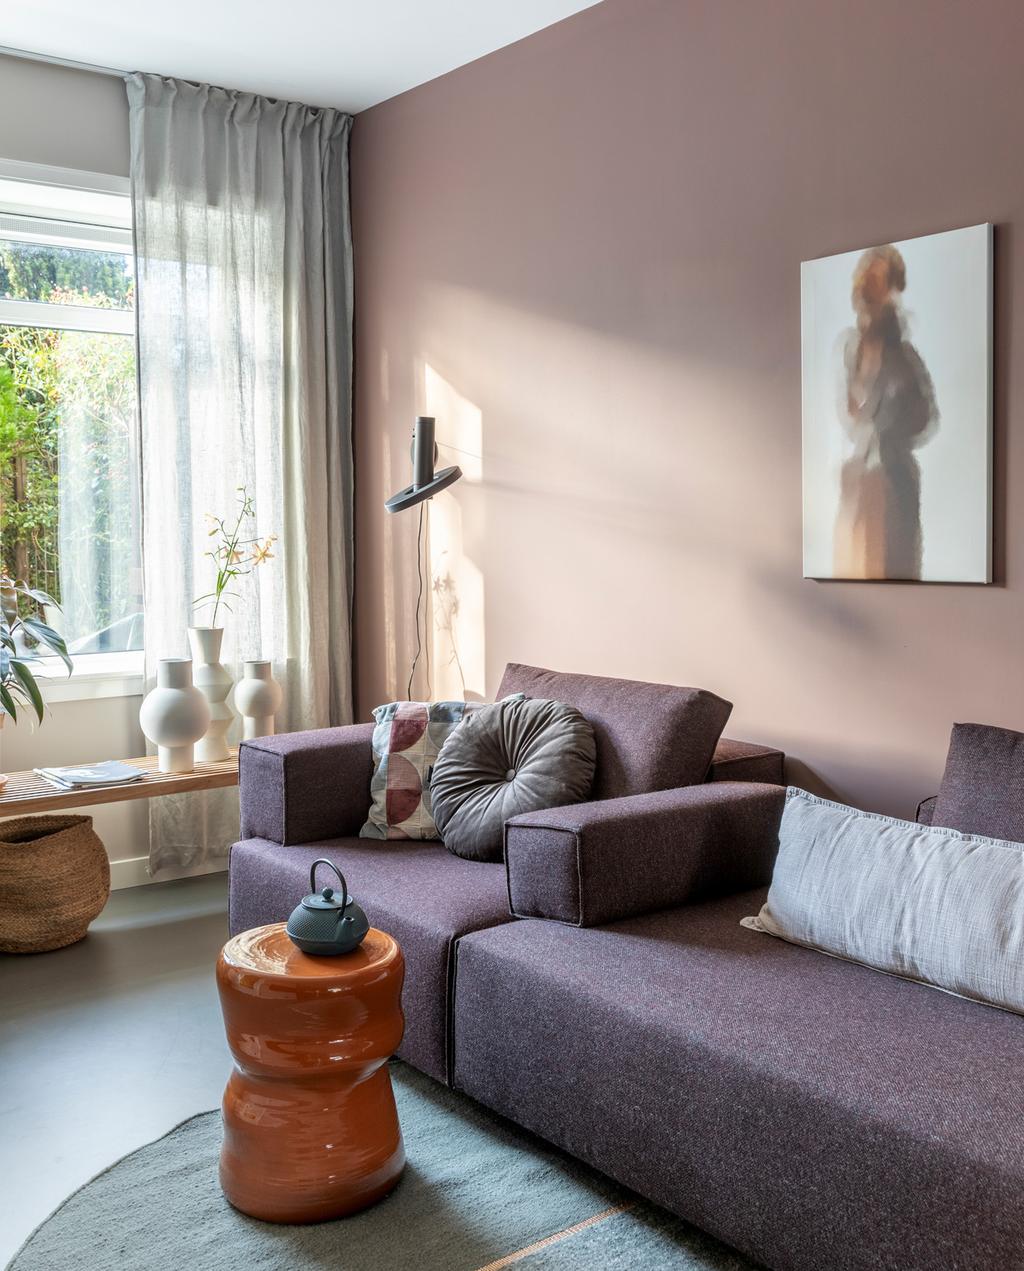 vtwonen weer verliefd op je huis | aflevering 11 seizoen 13 | stylist Fietje in Haarlem